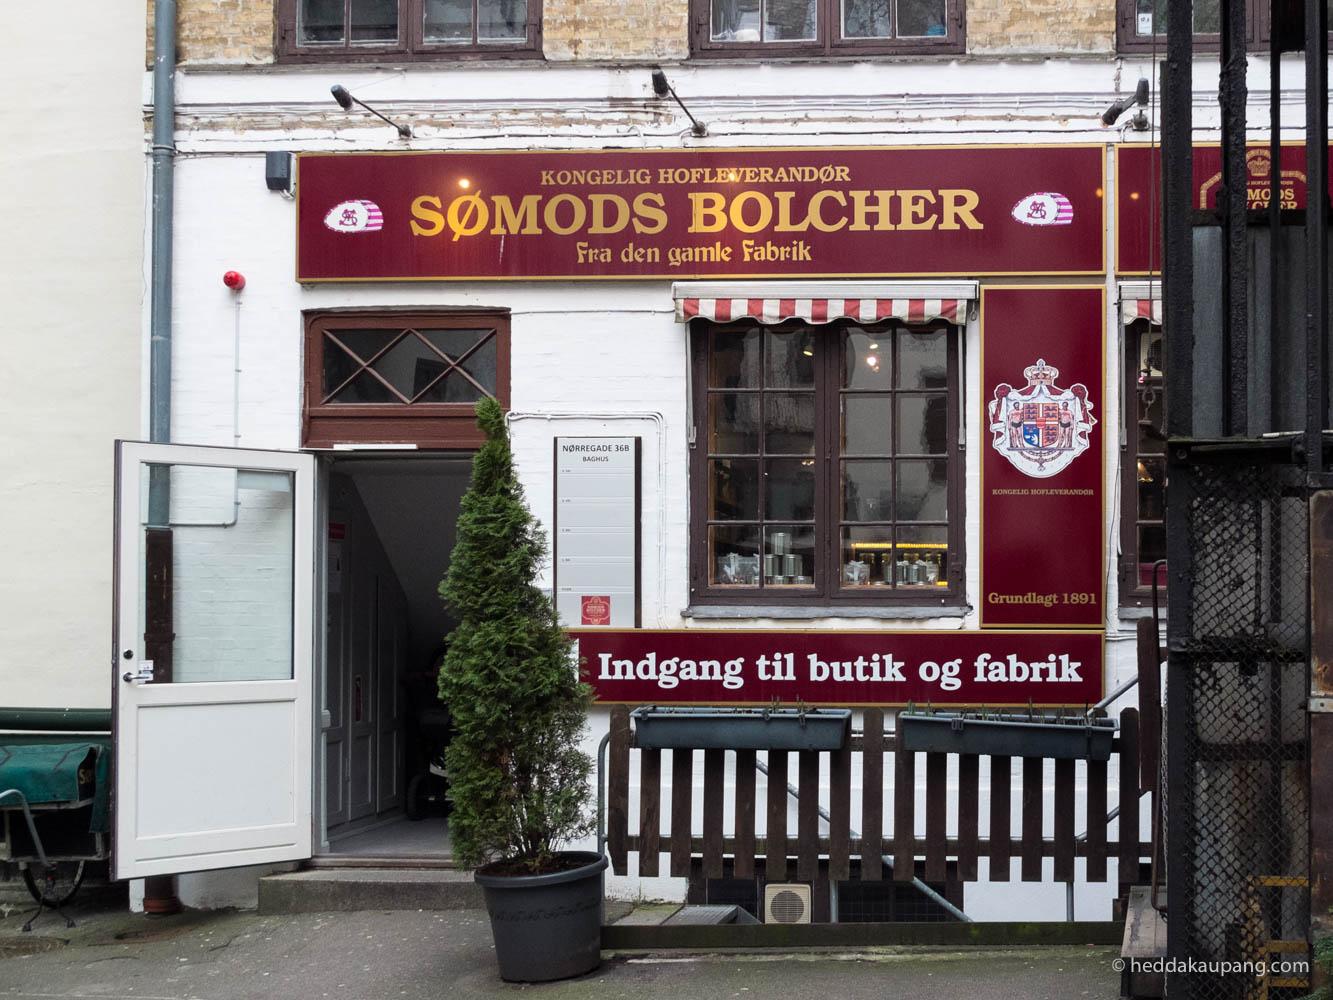 Sømods Bolcher er en herlig dropsbutikk i København